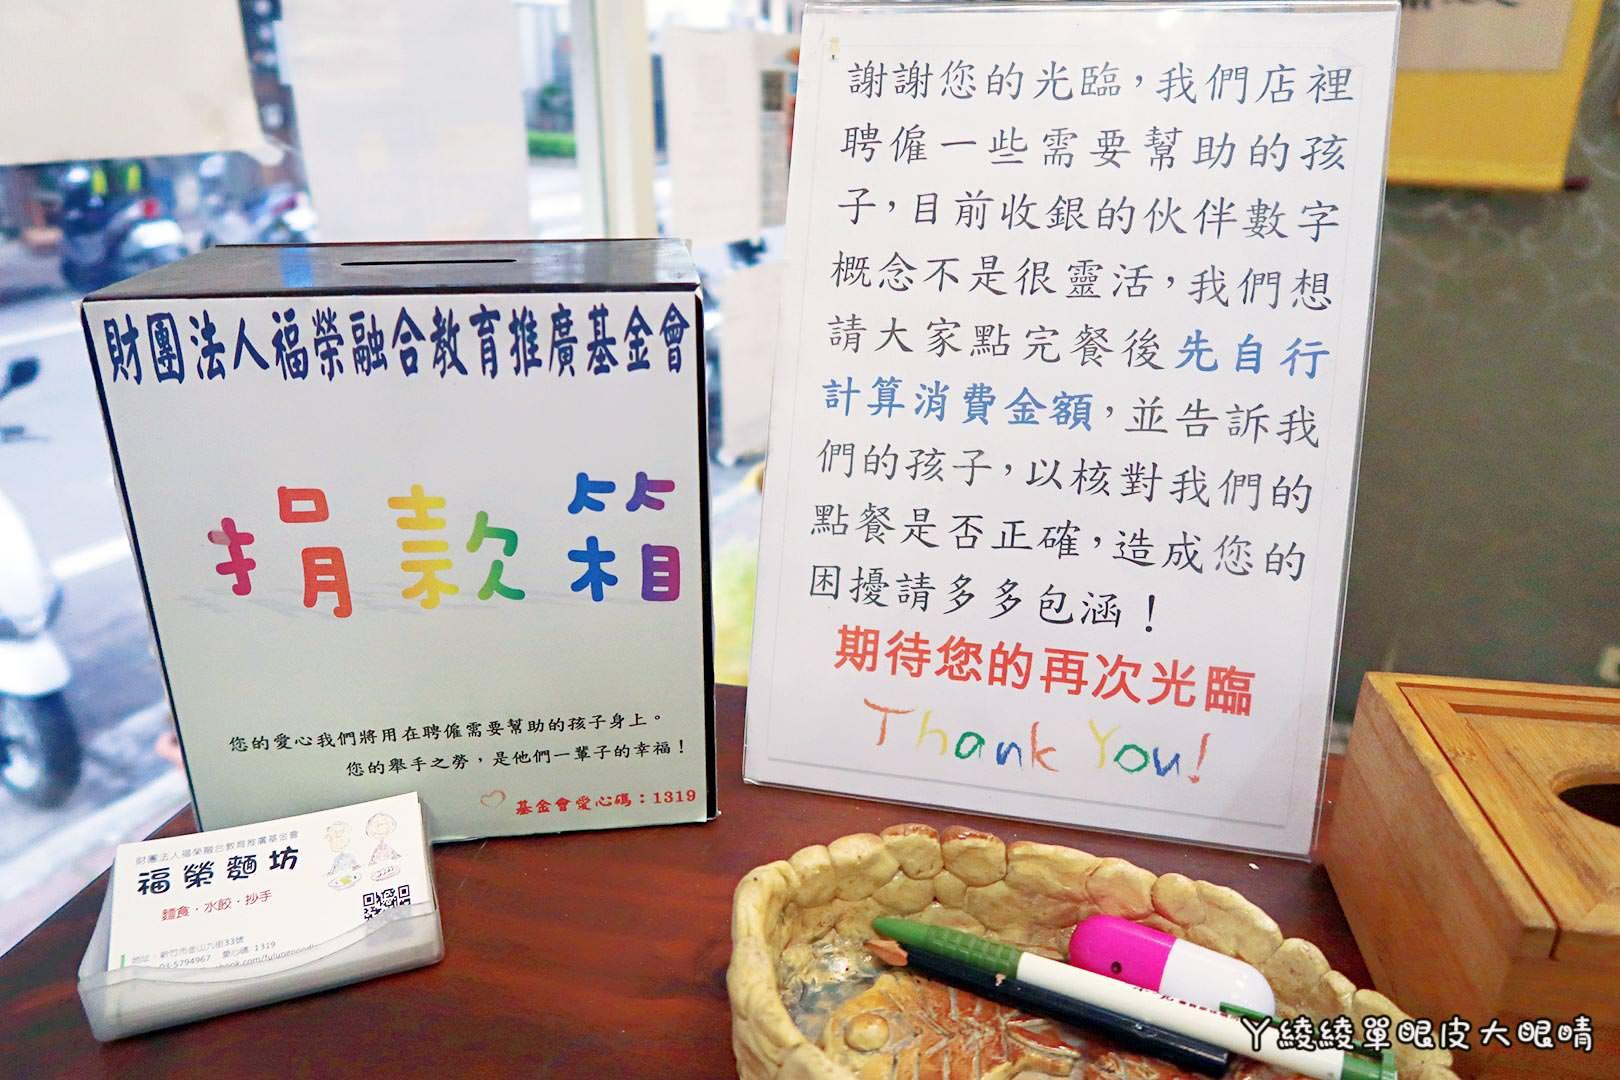 新竹金山街美食推薦《福榮麵坊》,暖心小吃店老闆幫助身心障礙孩子創造自身價值